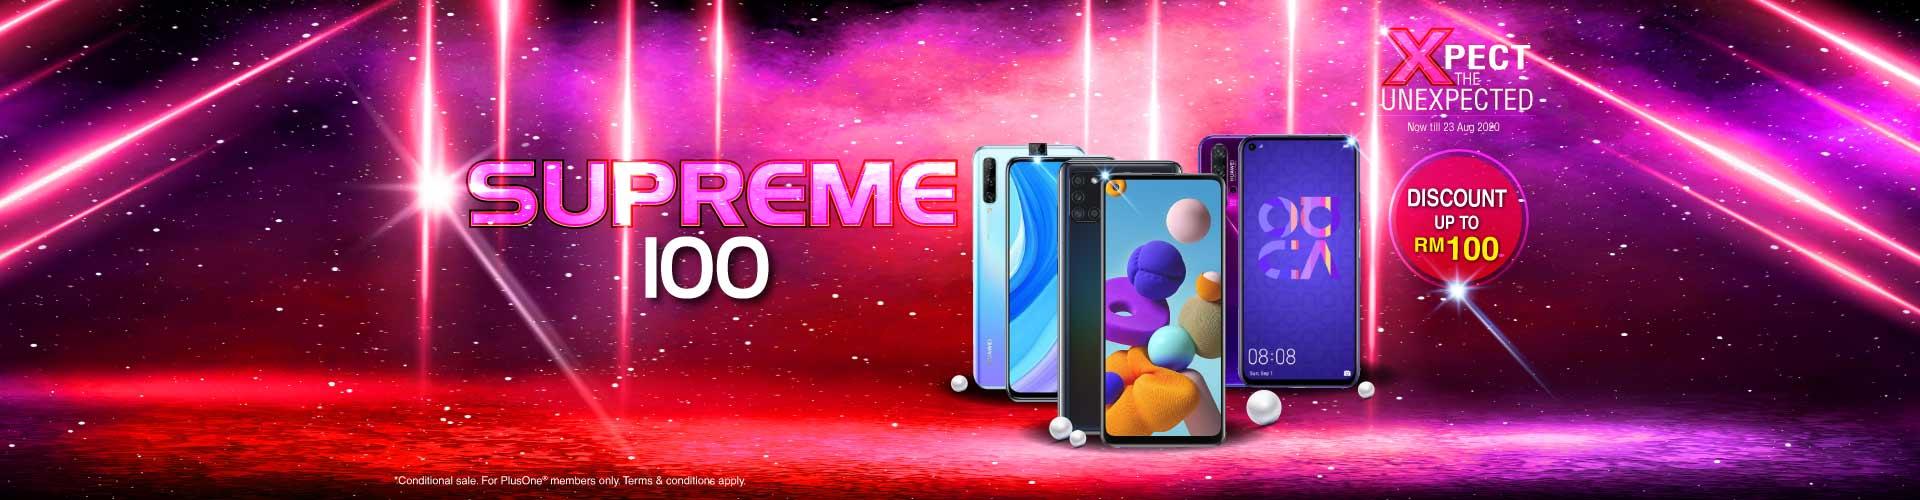 Supreme 100 Mobile Banner